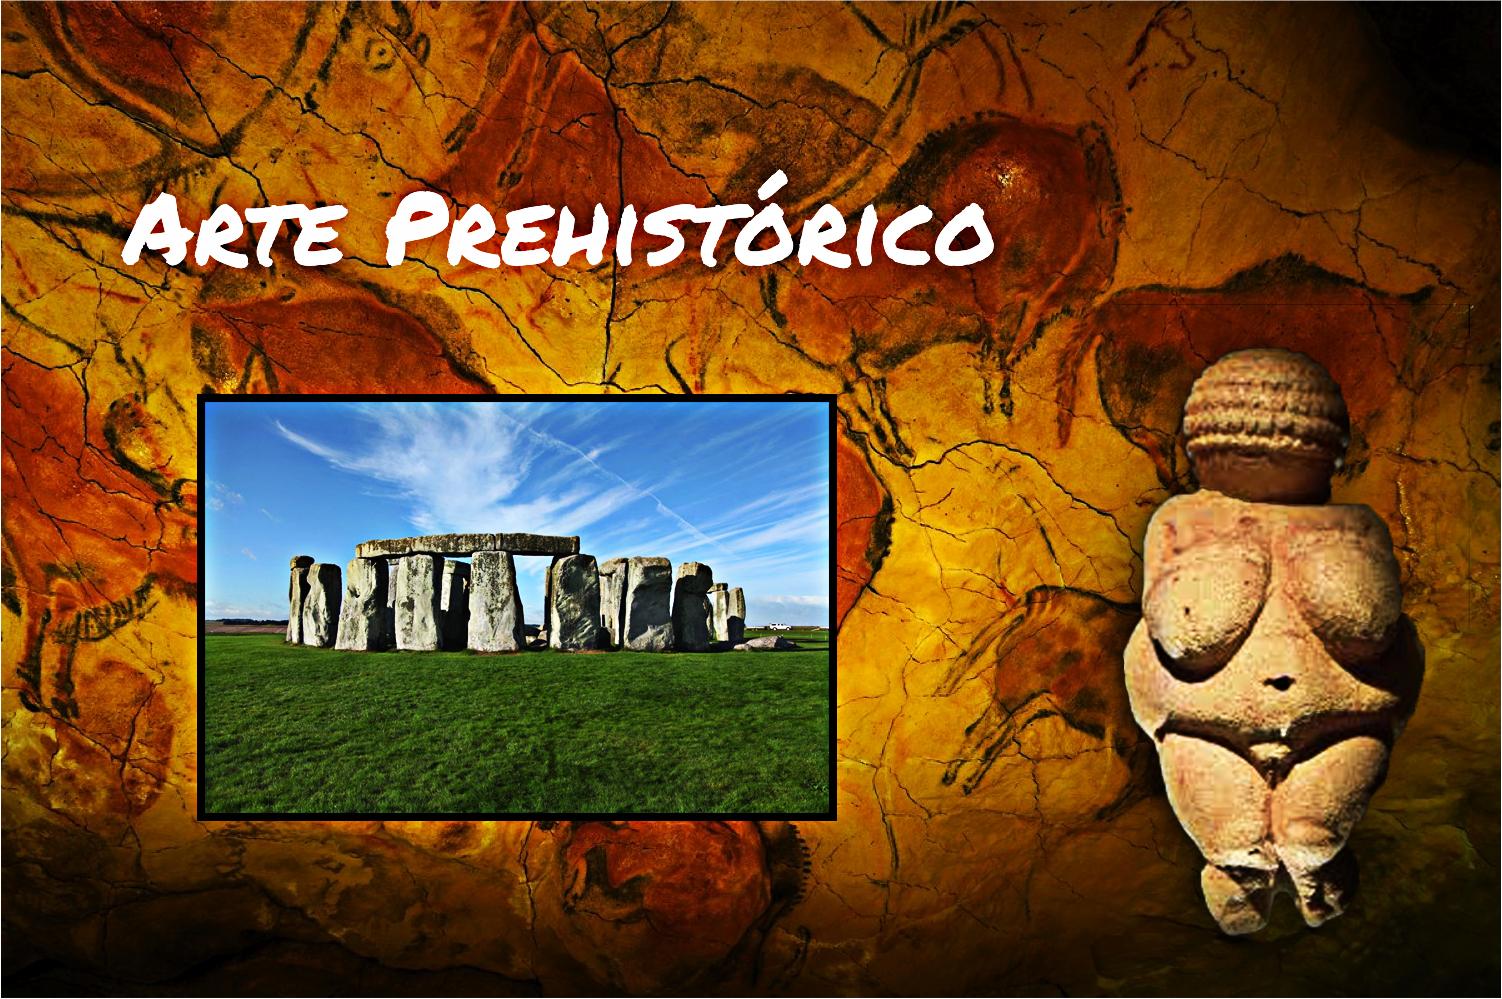 Arte Prehistórico: Desde el Paleolítico al Neolítico